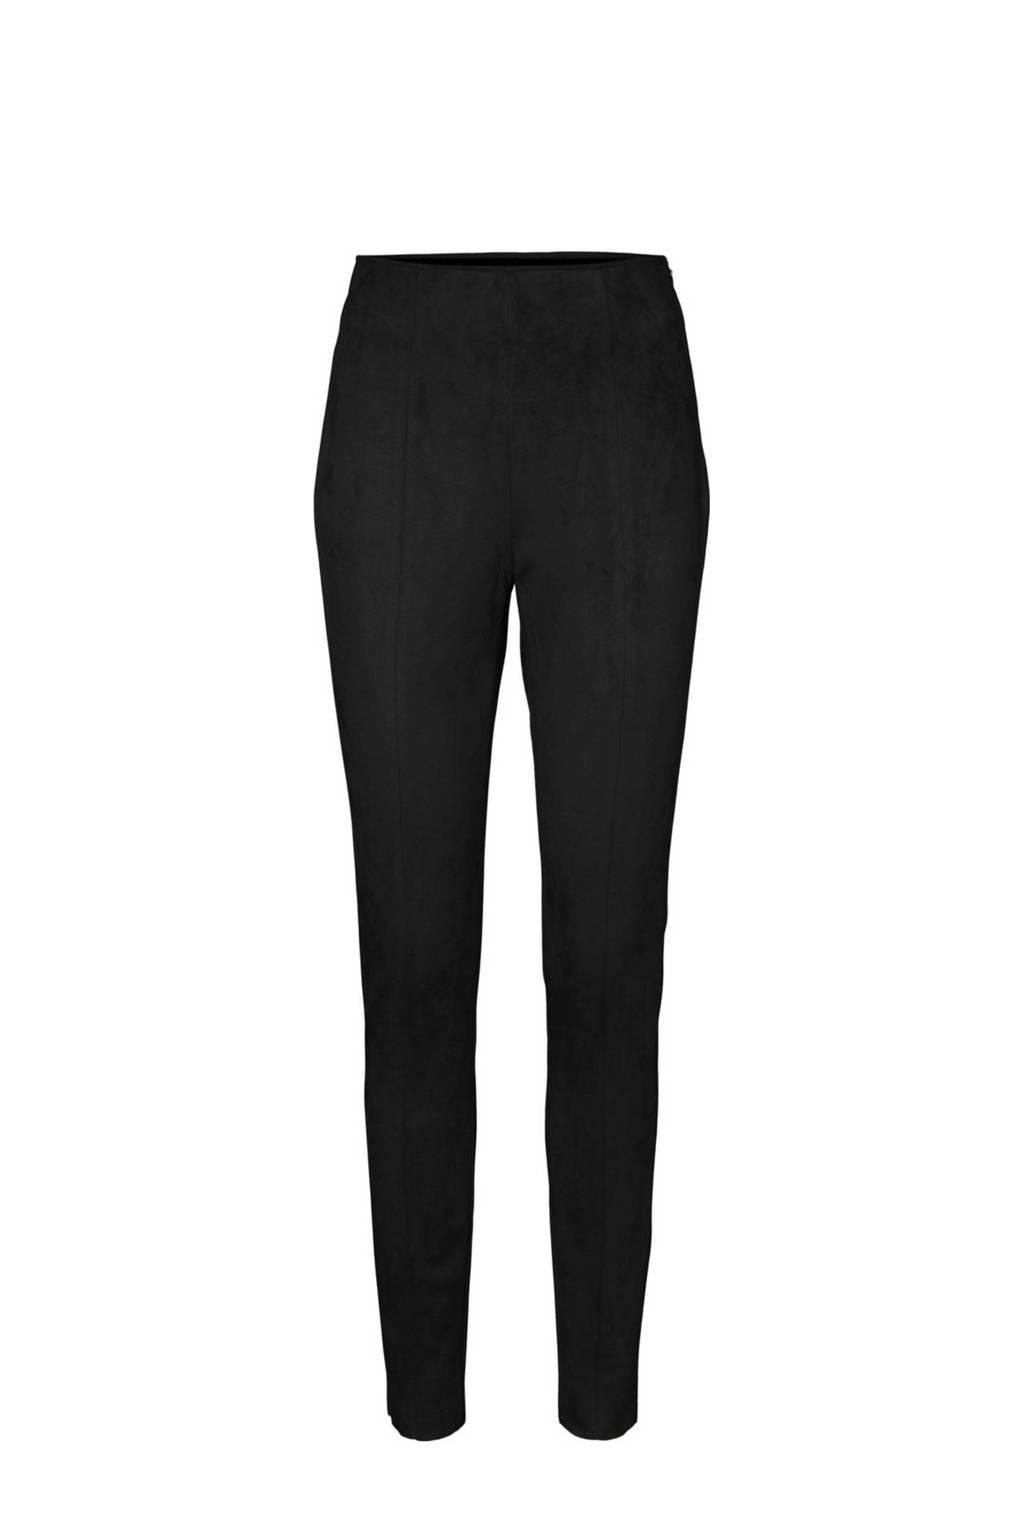 VERO MODA imitatiesuède legging zwart, Zwart